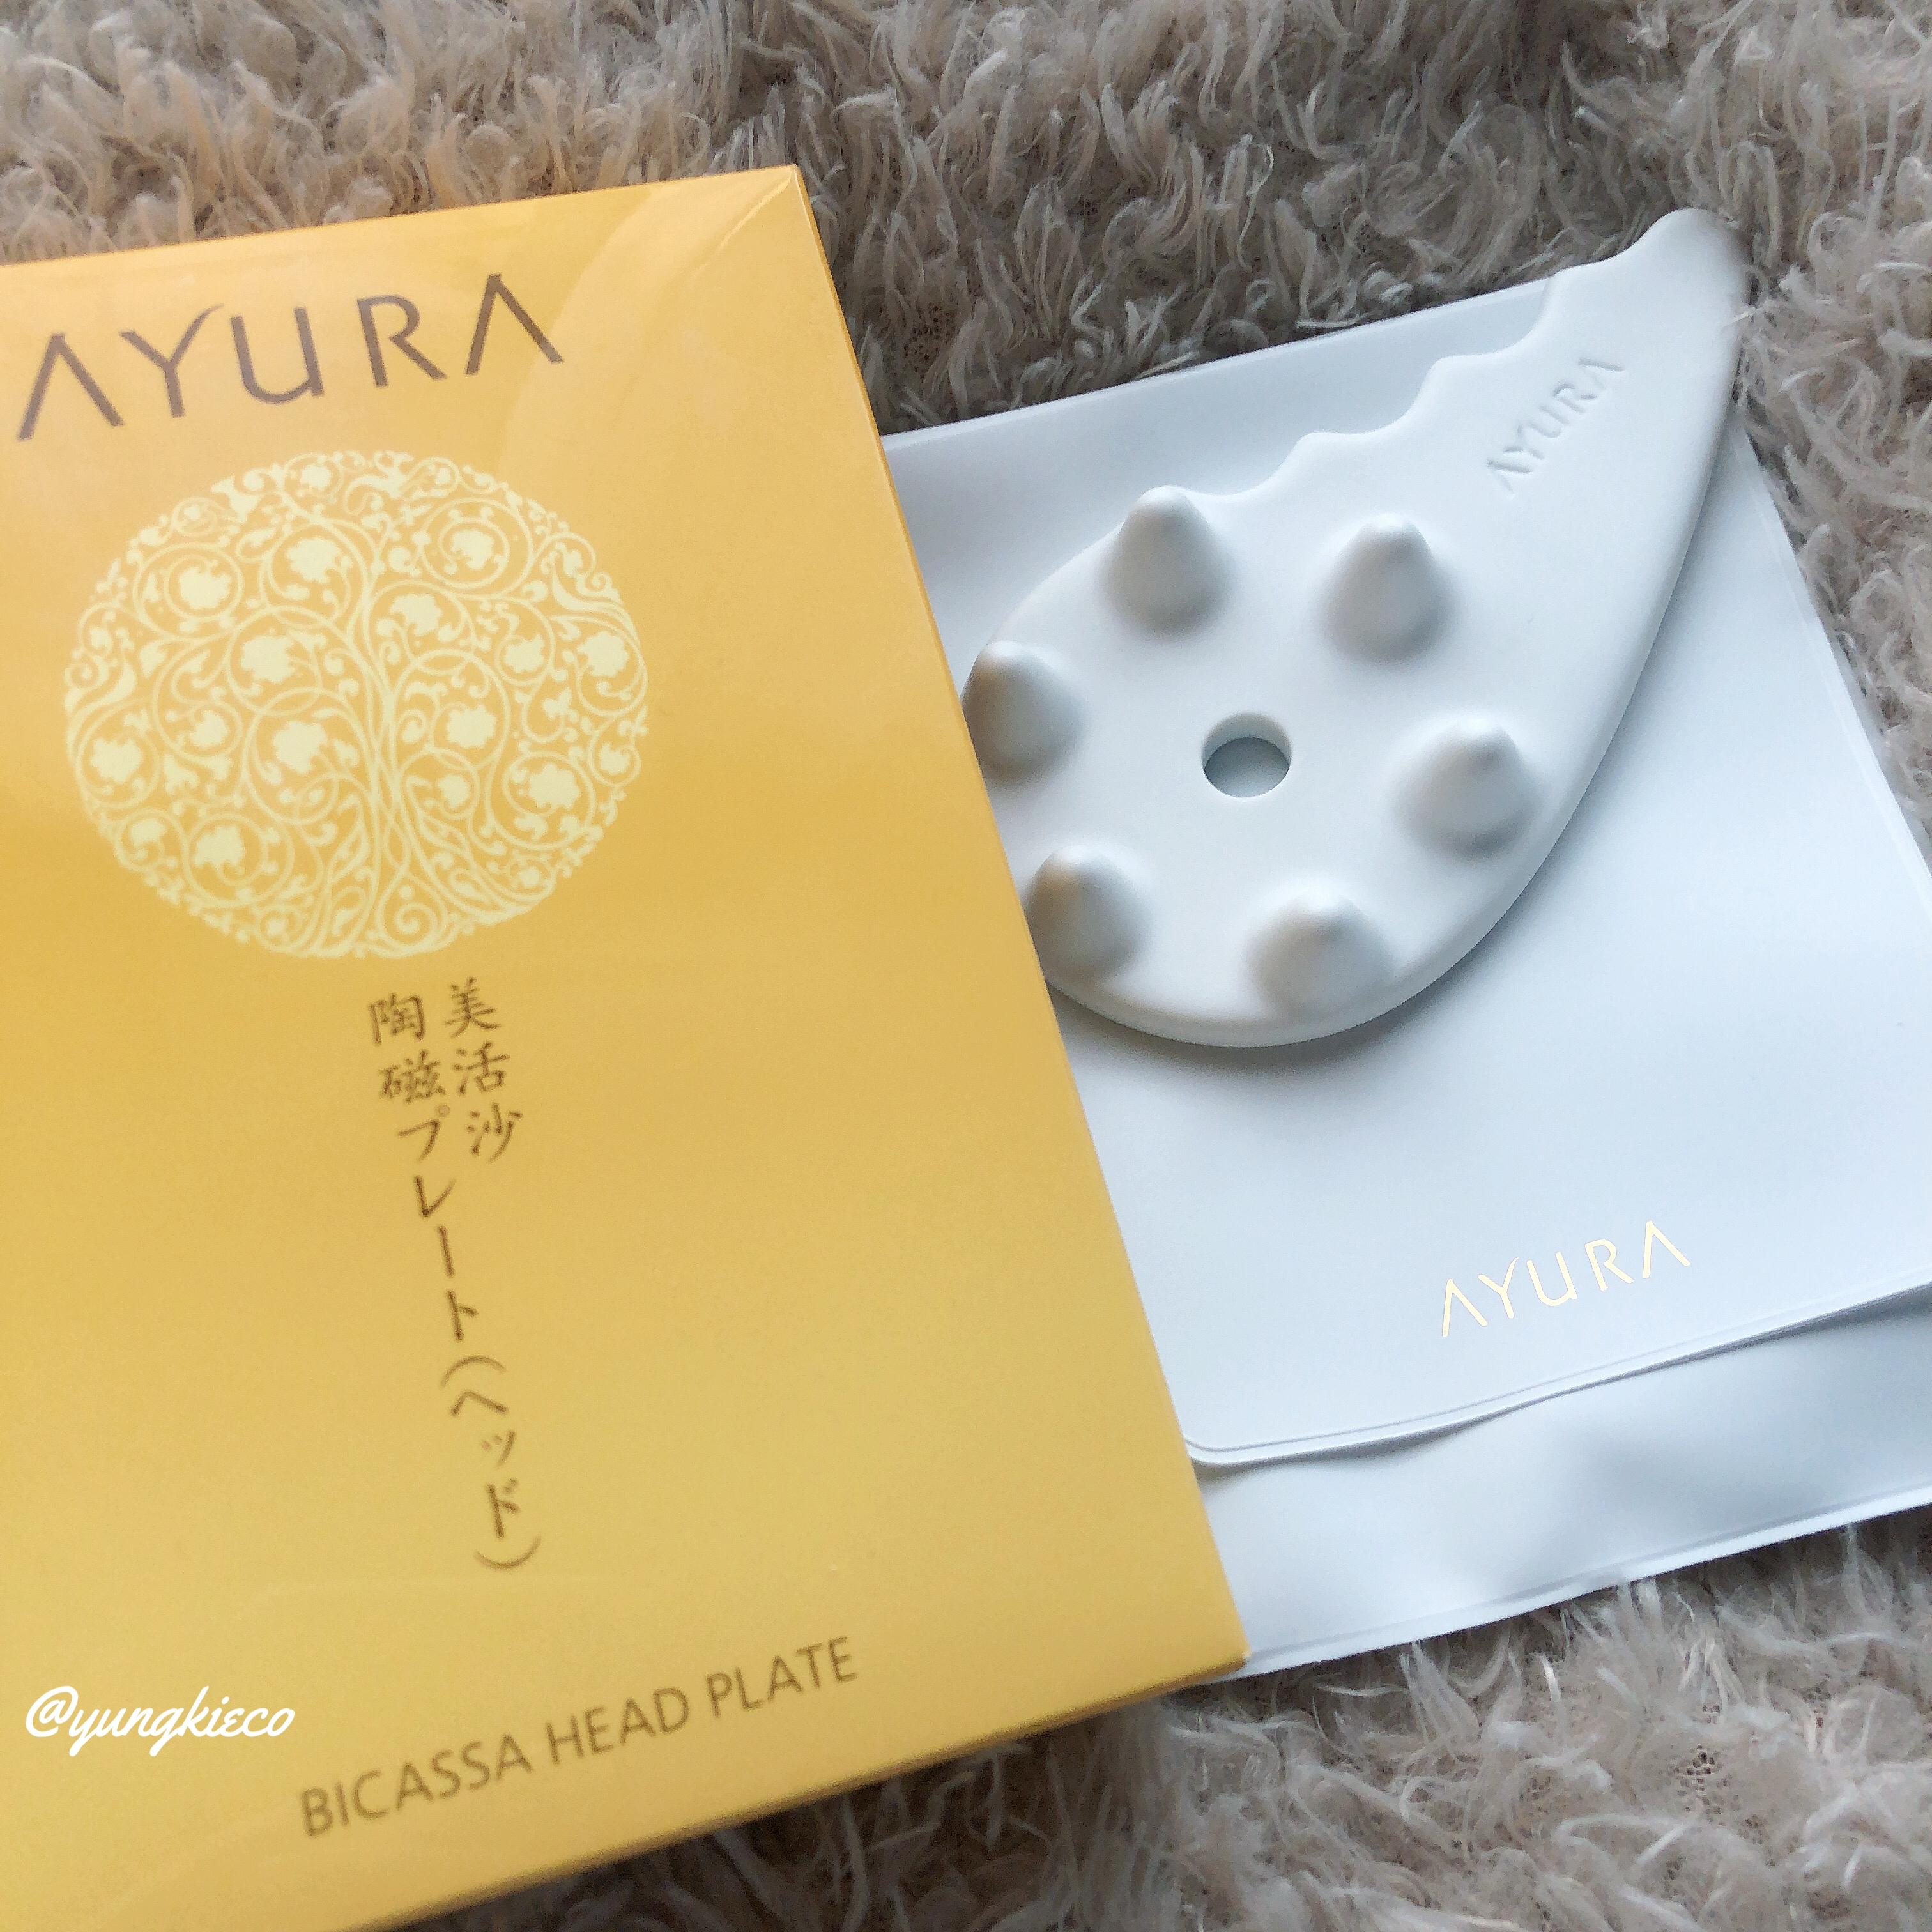 AYURA(アユーラ)ビカッサヘッドプレートを使ったyungさんのクチコミ画像1